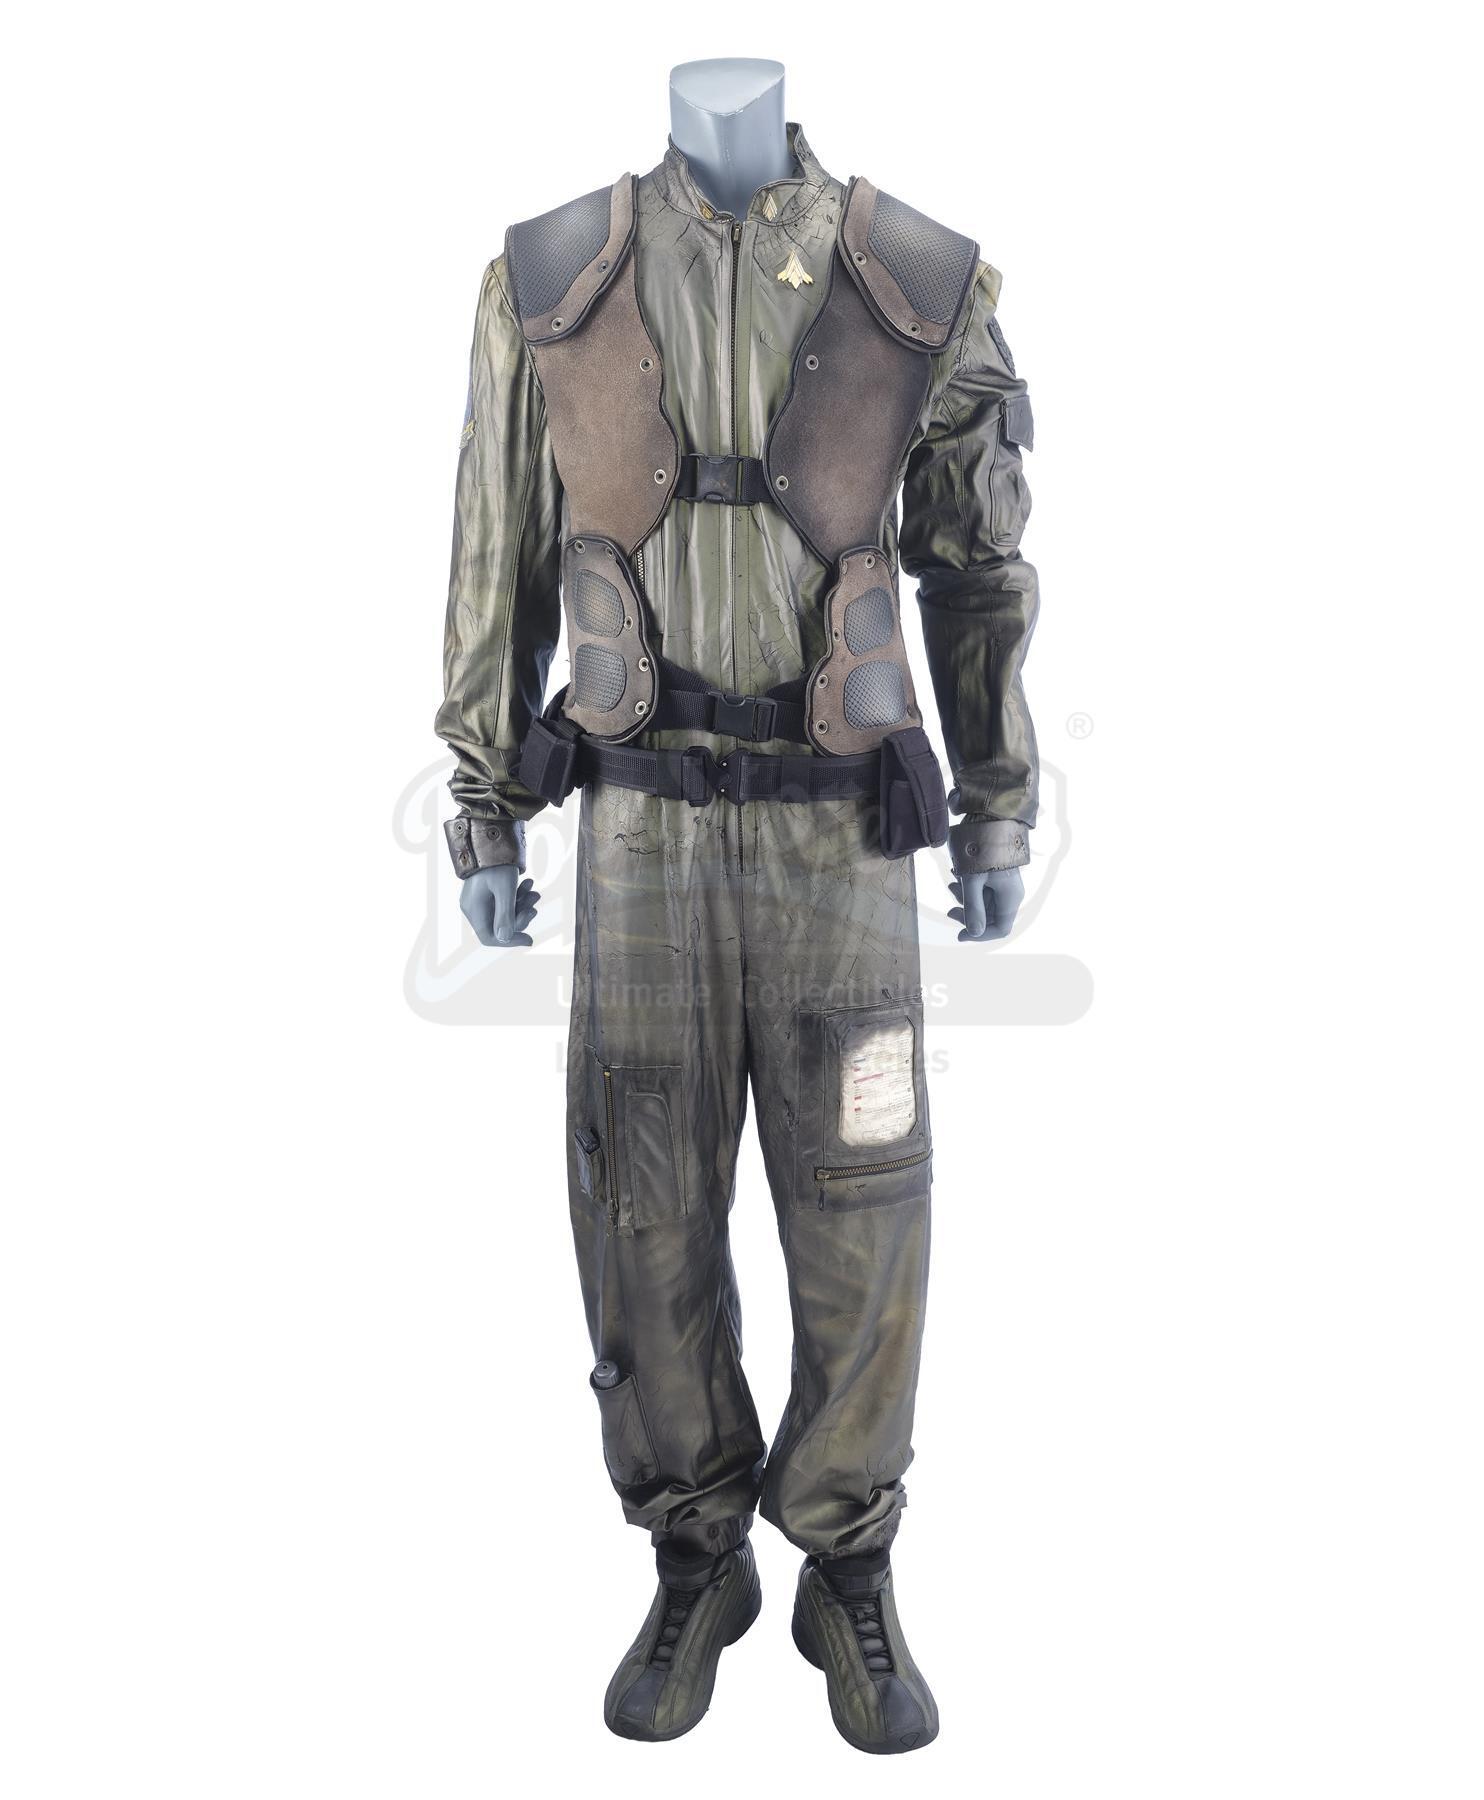 Lot # 40: BATTLESTAR GALACTICA - Raptor Flight Suit